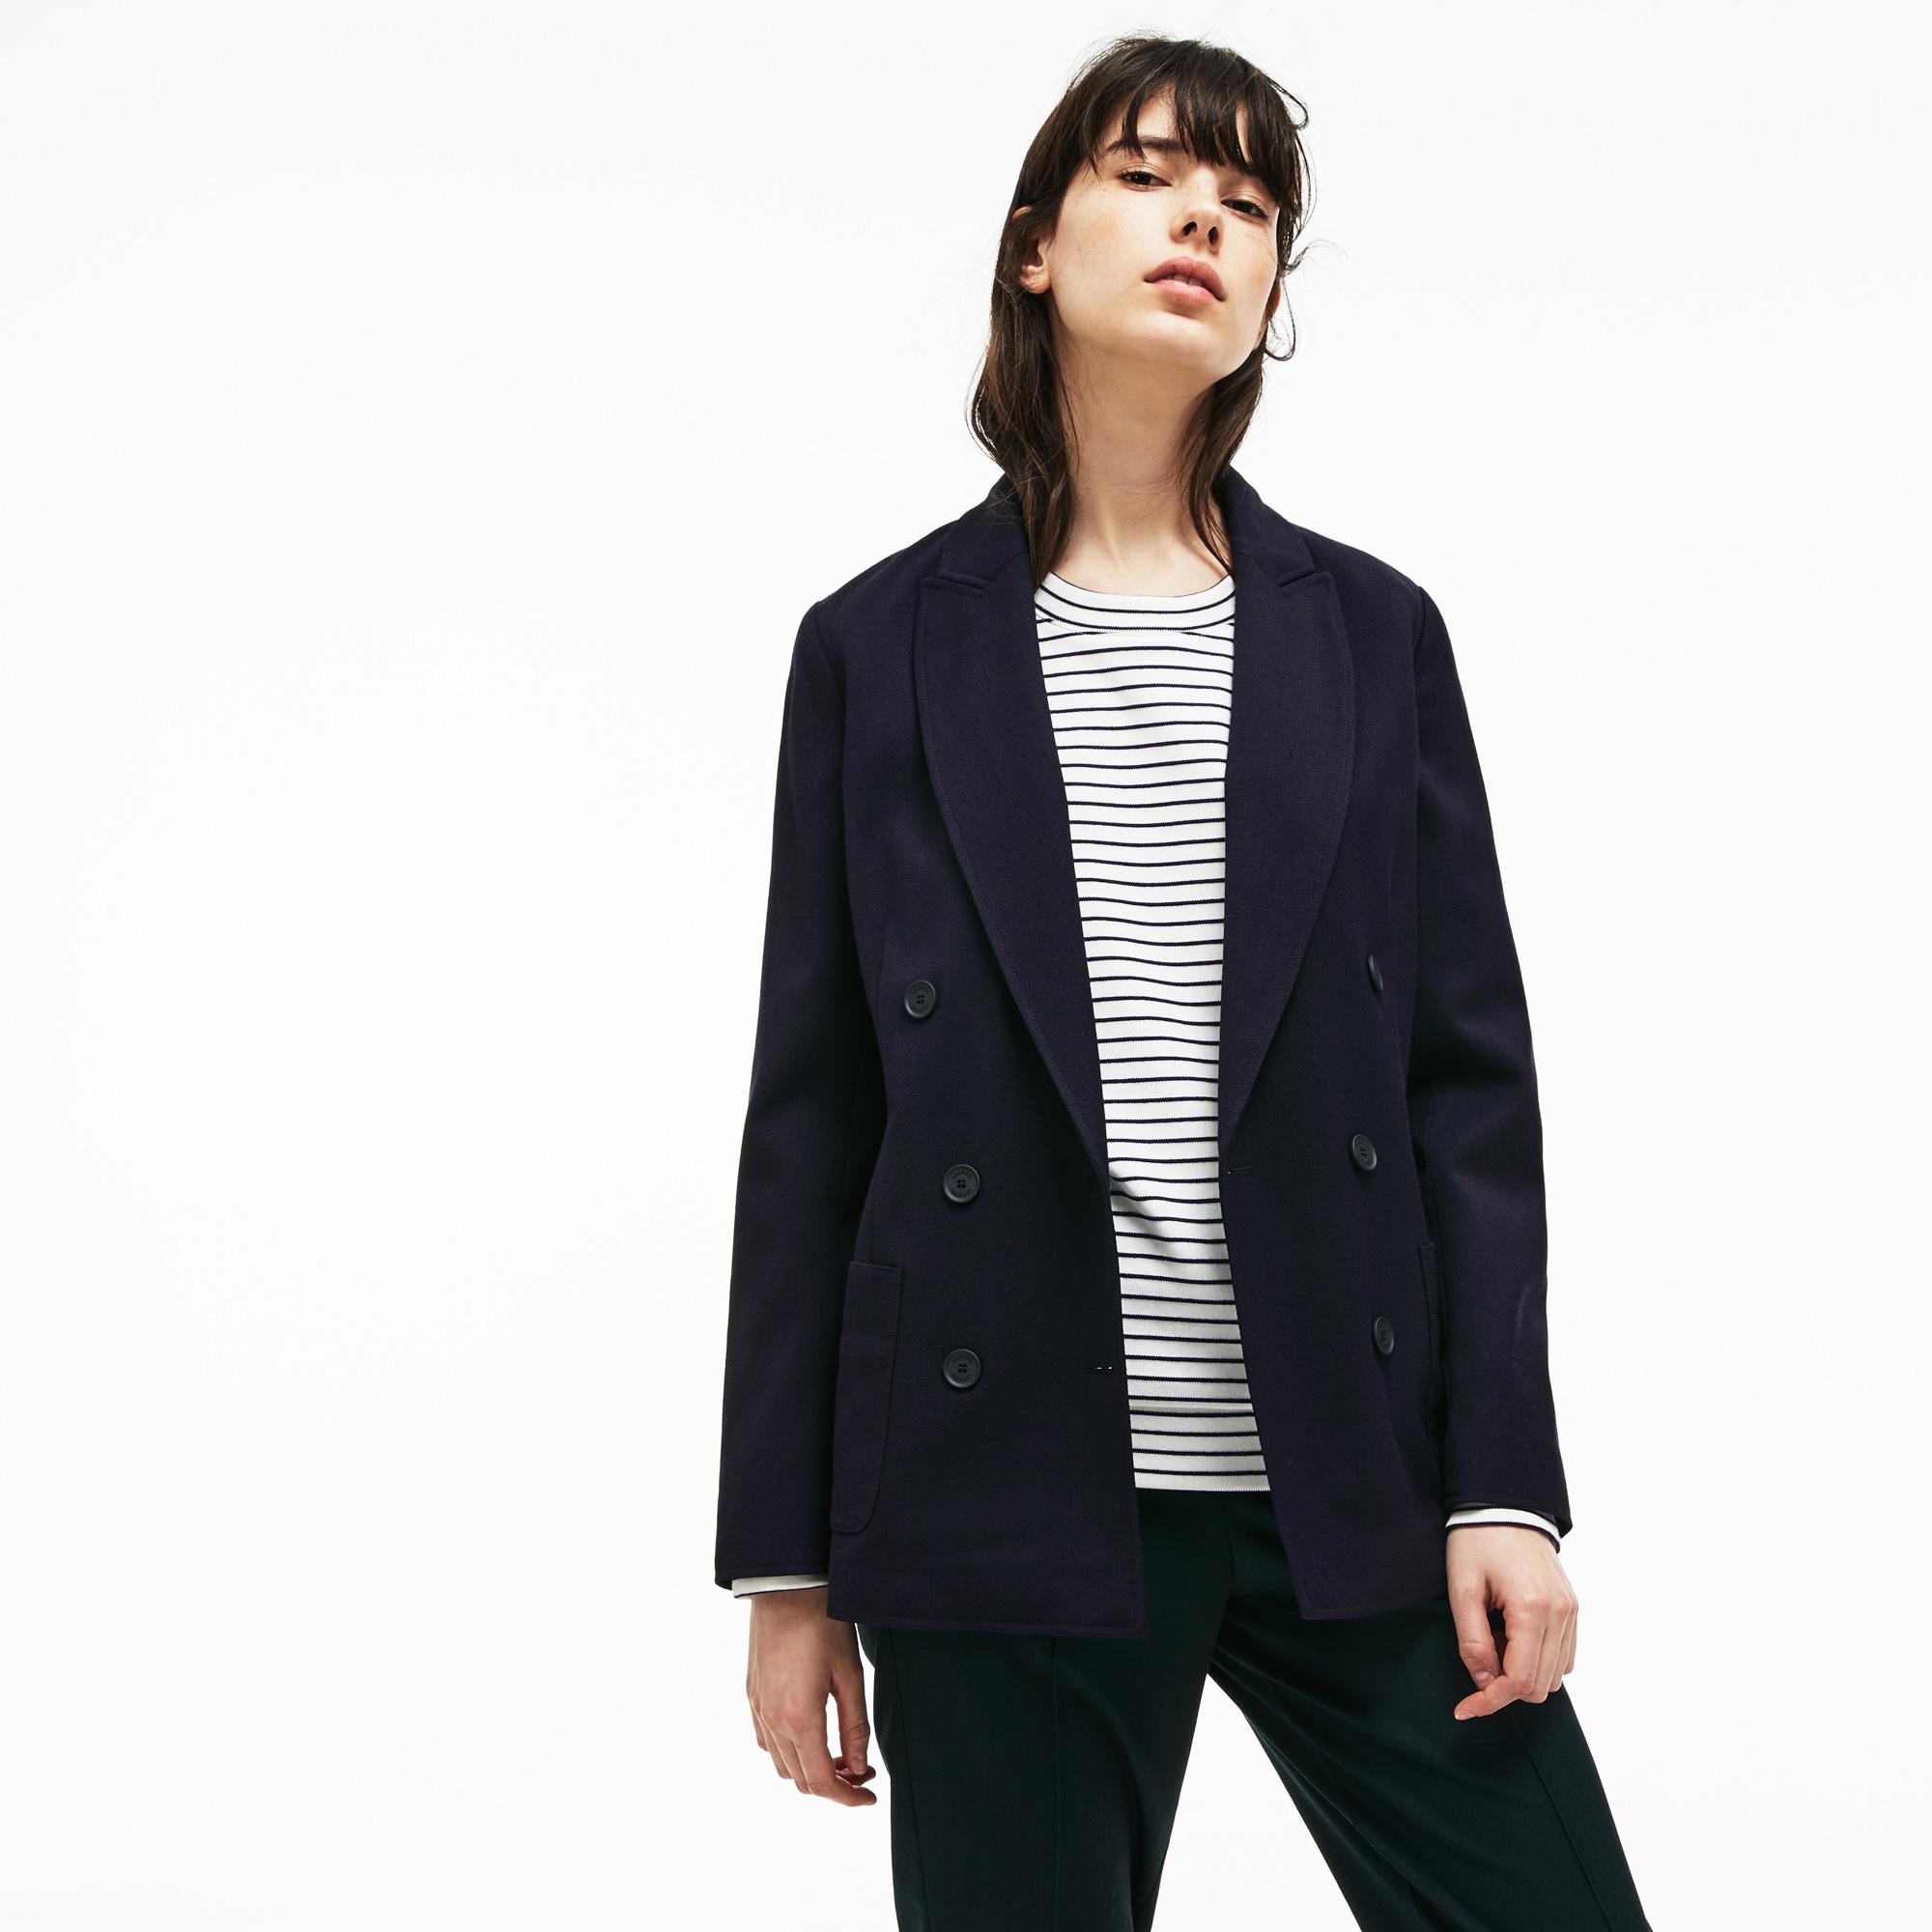 Пиджак LacosteВерхняя одежда<br>44% вискоза 35% шерсть 19% полиэстер 2% эластан 100% хлопок 100% полиэстер